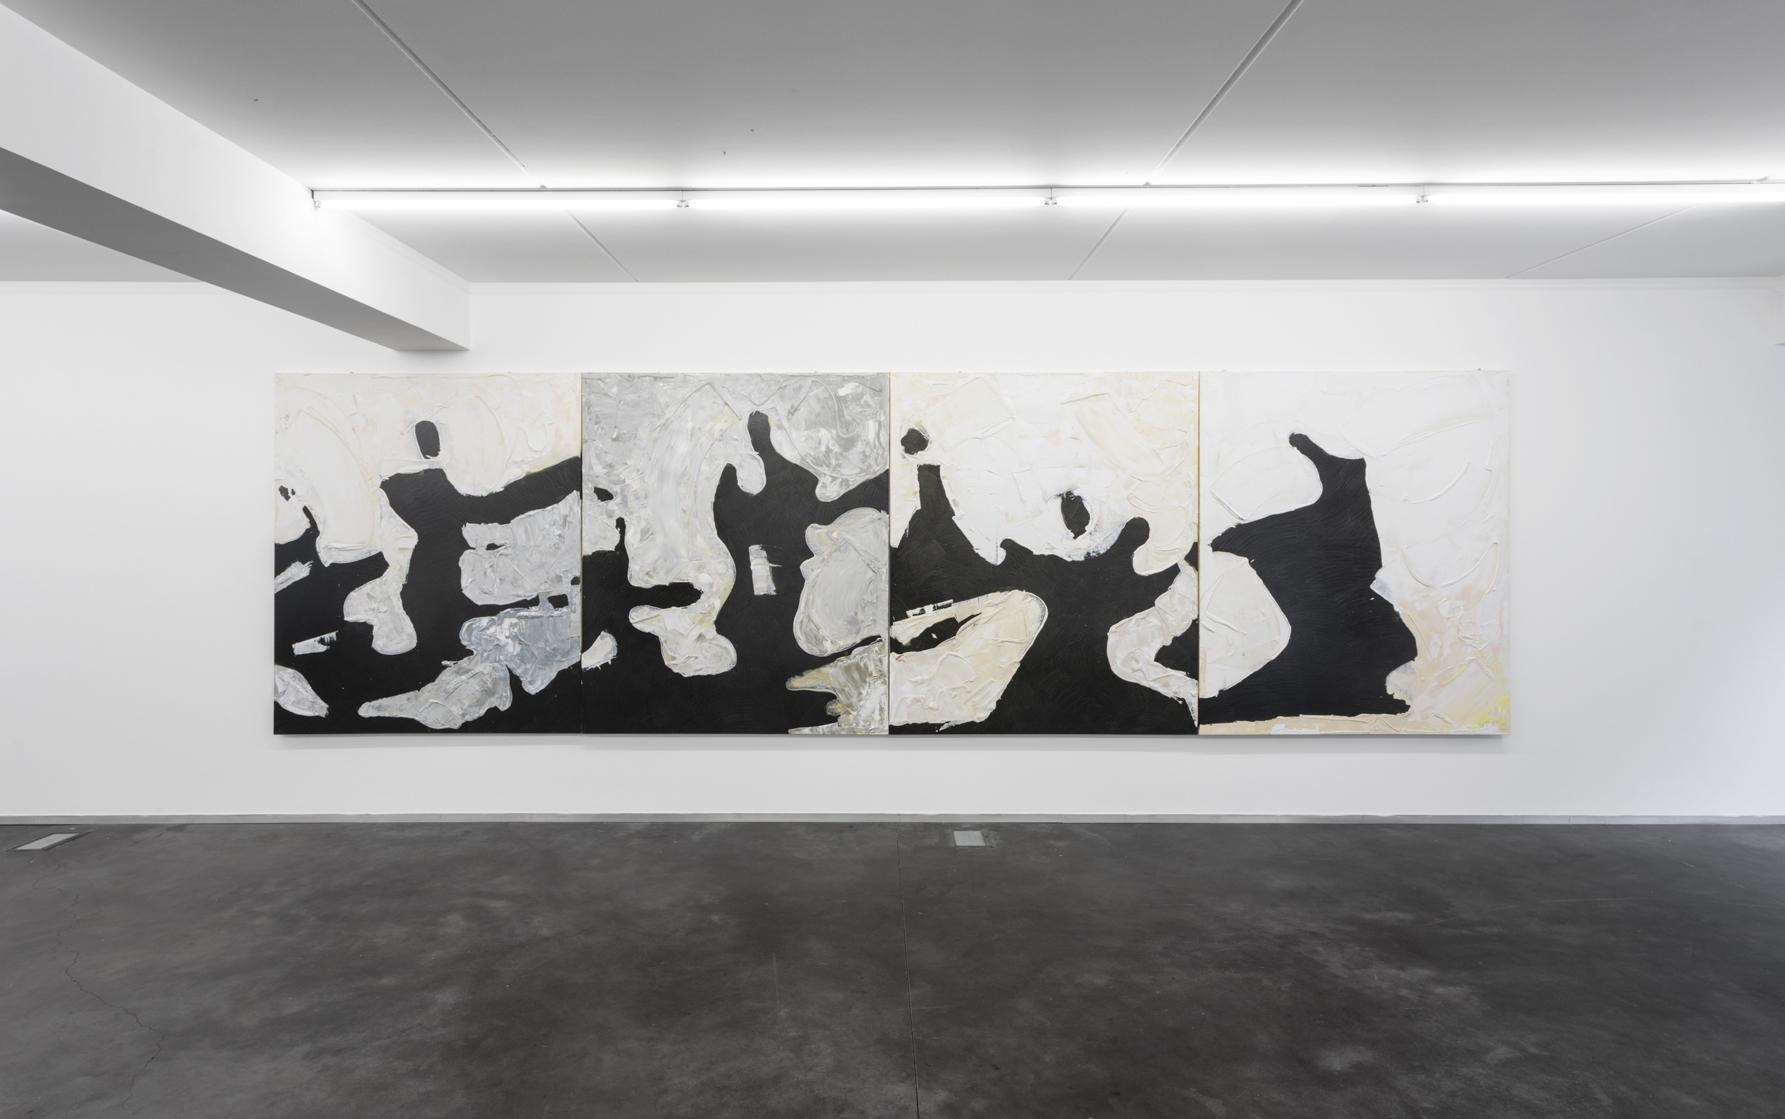 FLAMENCO (4 panels) 2017 200 x 170 cm (each) Oil on canvas